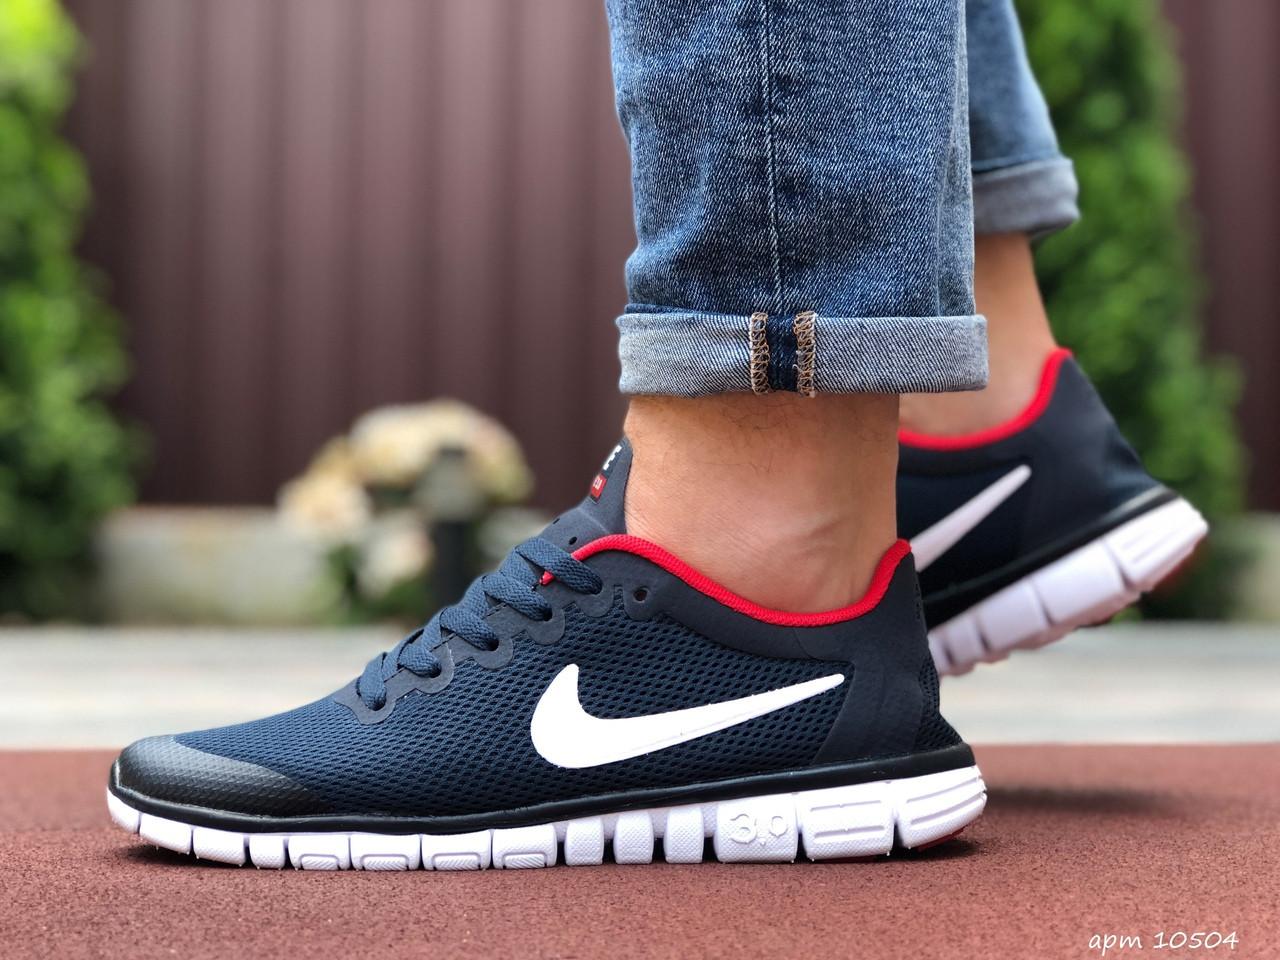 Чоловічі літні, легкі кросівки Nike Free Run 3.0 сітка, сині з білим